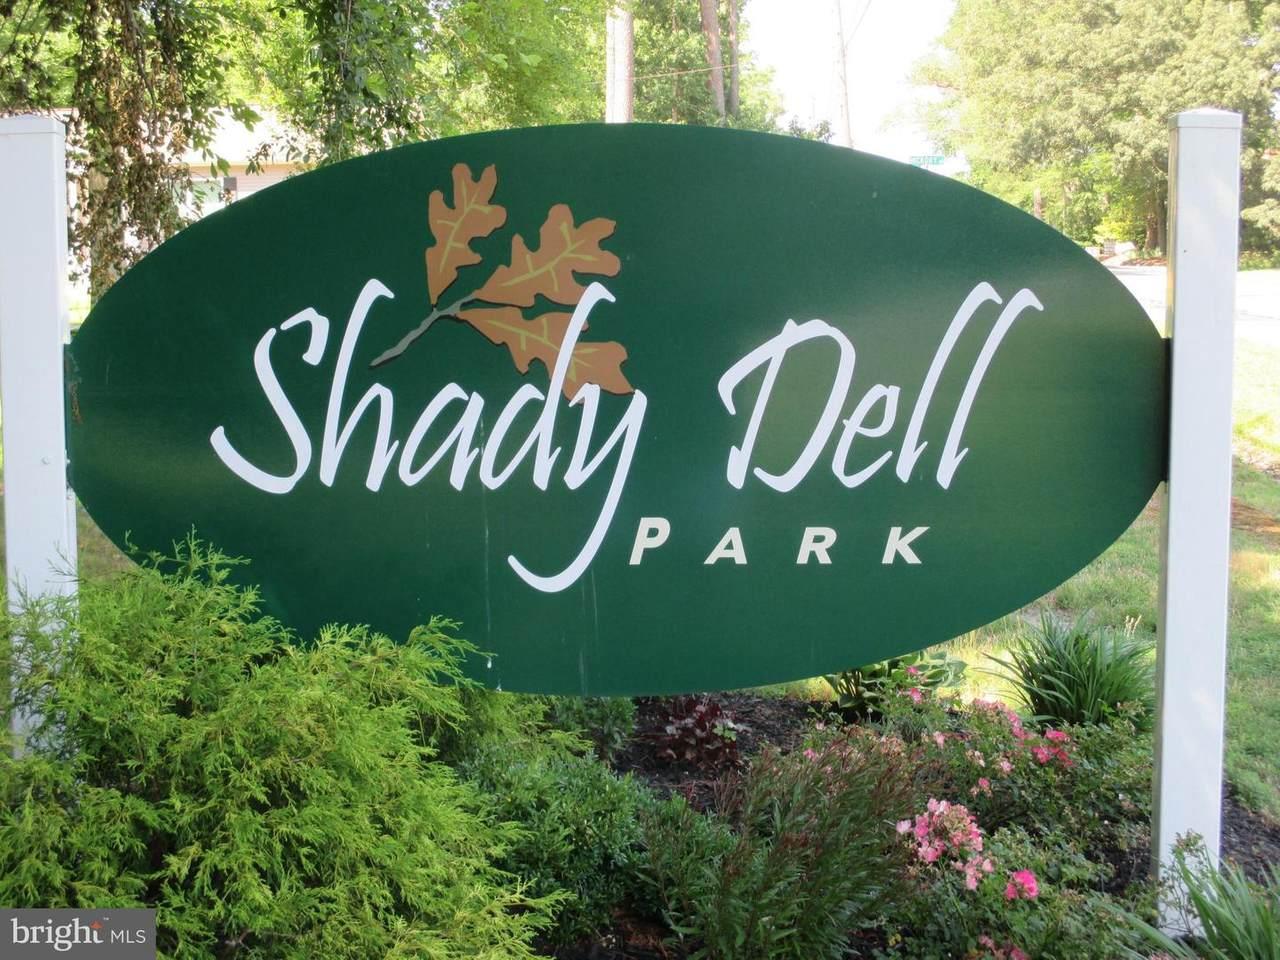 0 Shady Dell Park - Photo 1